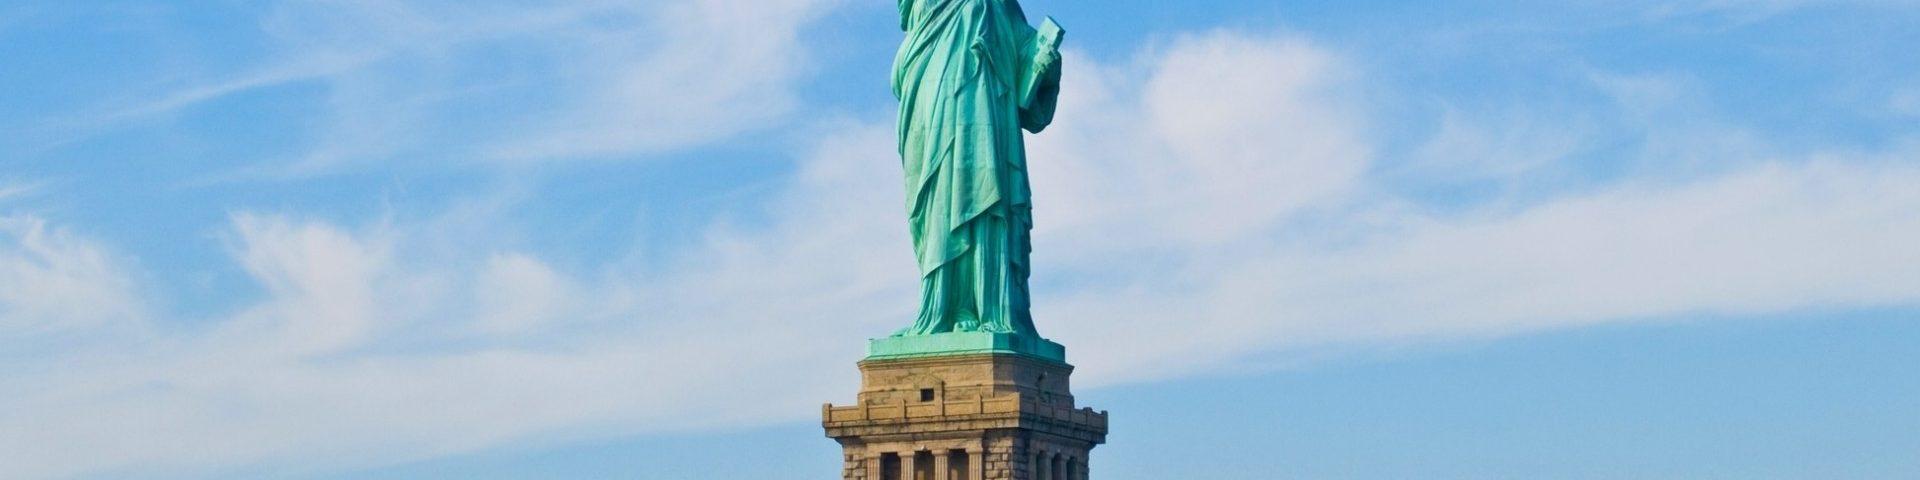 Соединённые Штаты Америки обзор для туристов